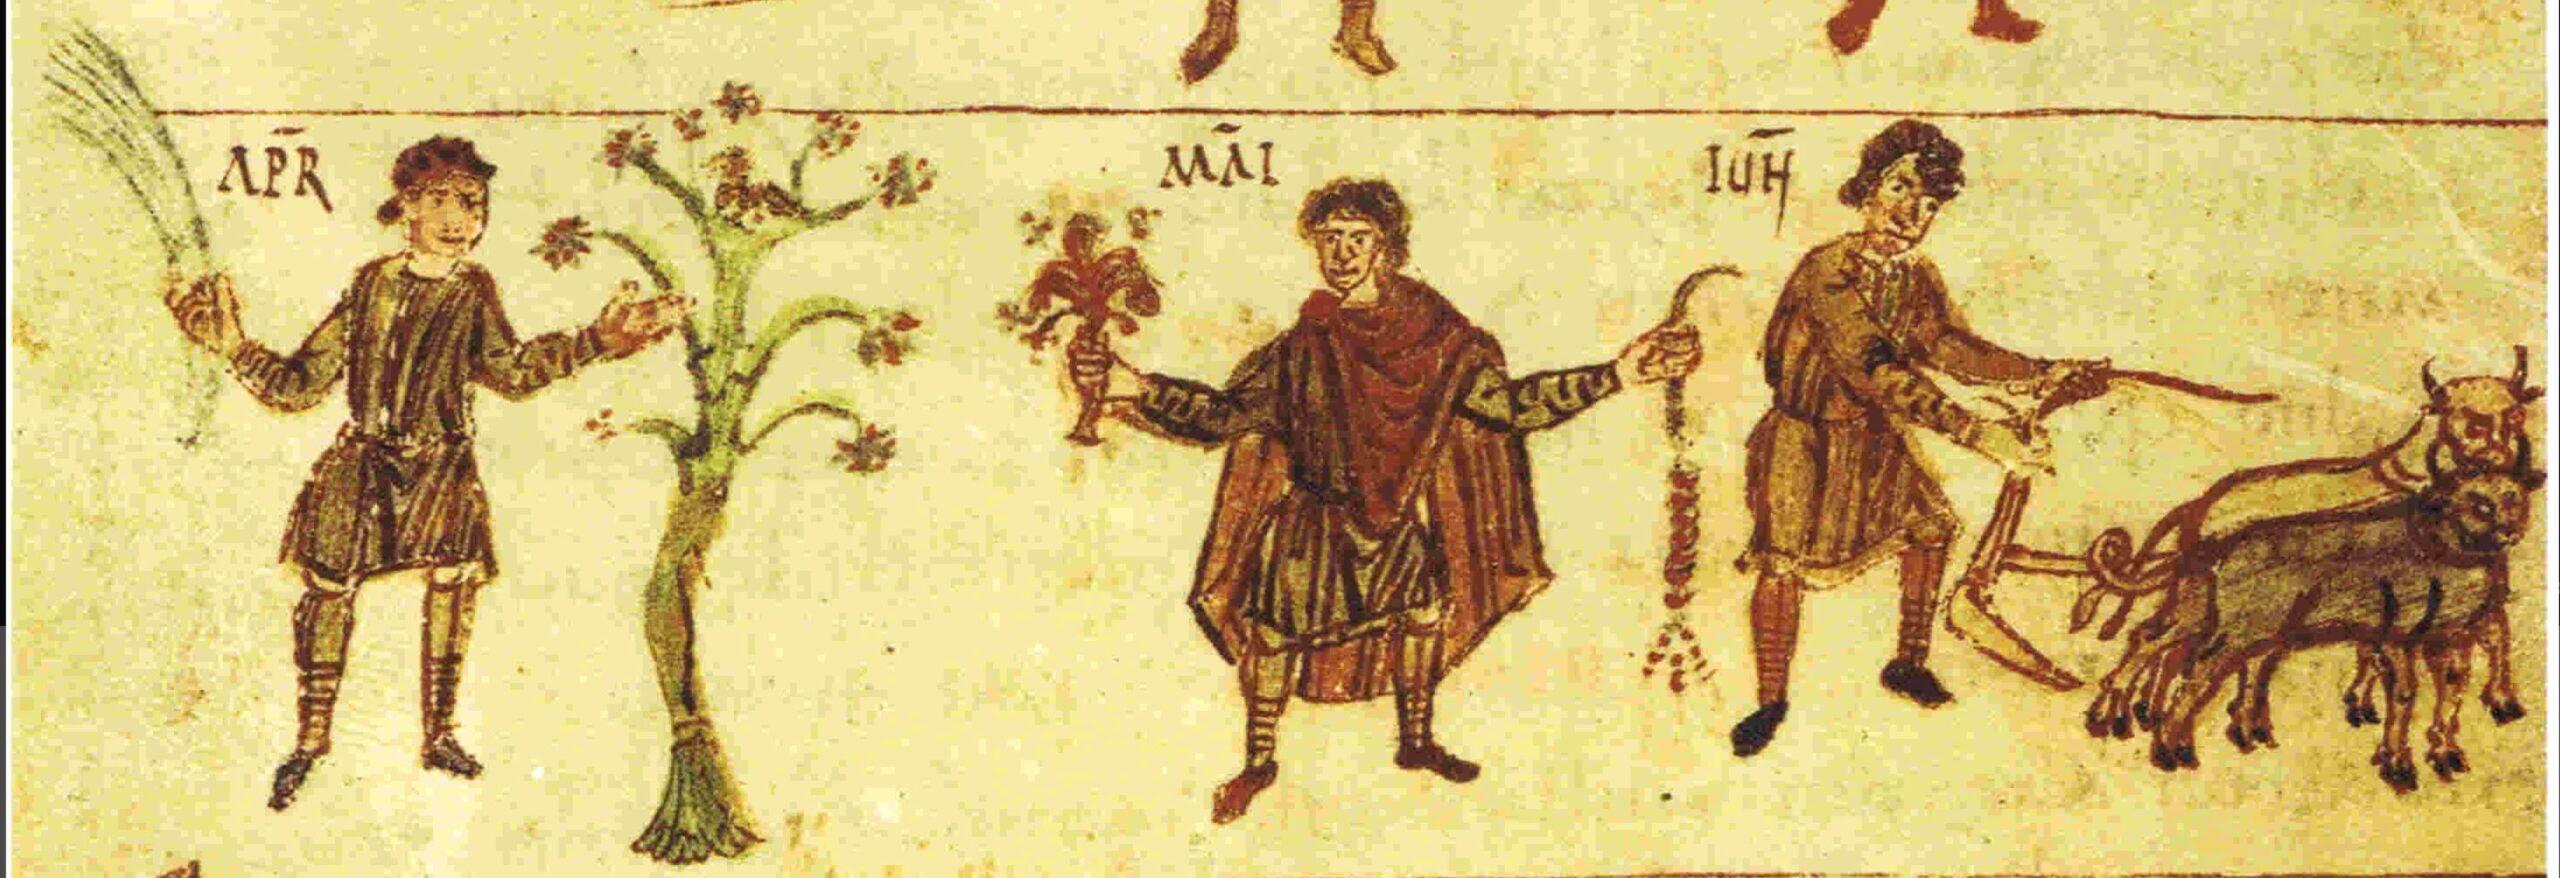 818 ca Monatsbild-Zyklus der Salzburger Handschrift Wien, Osterreichische Nationalbibliothek; Codex 387, fol. 90